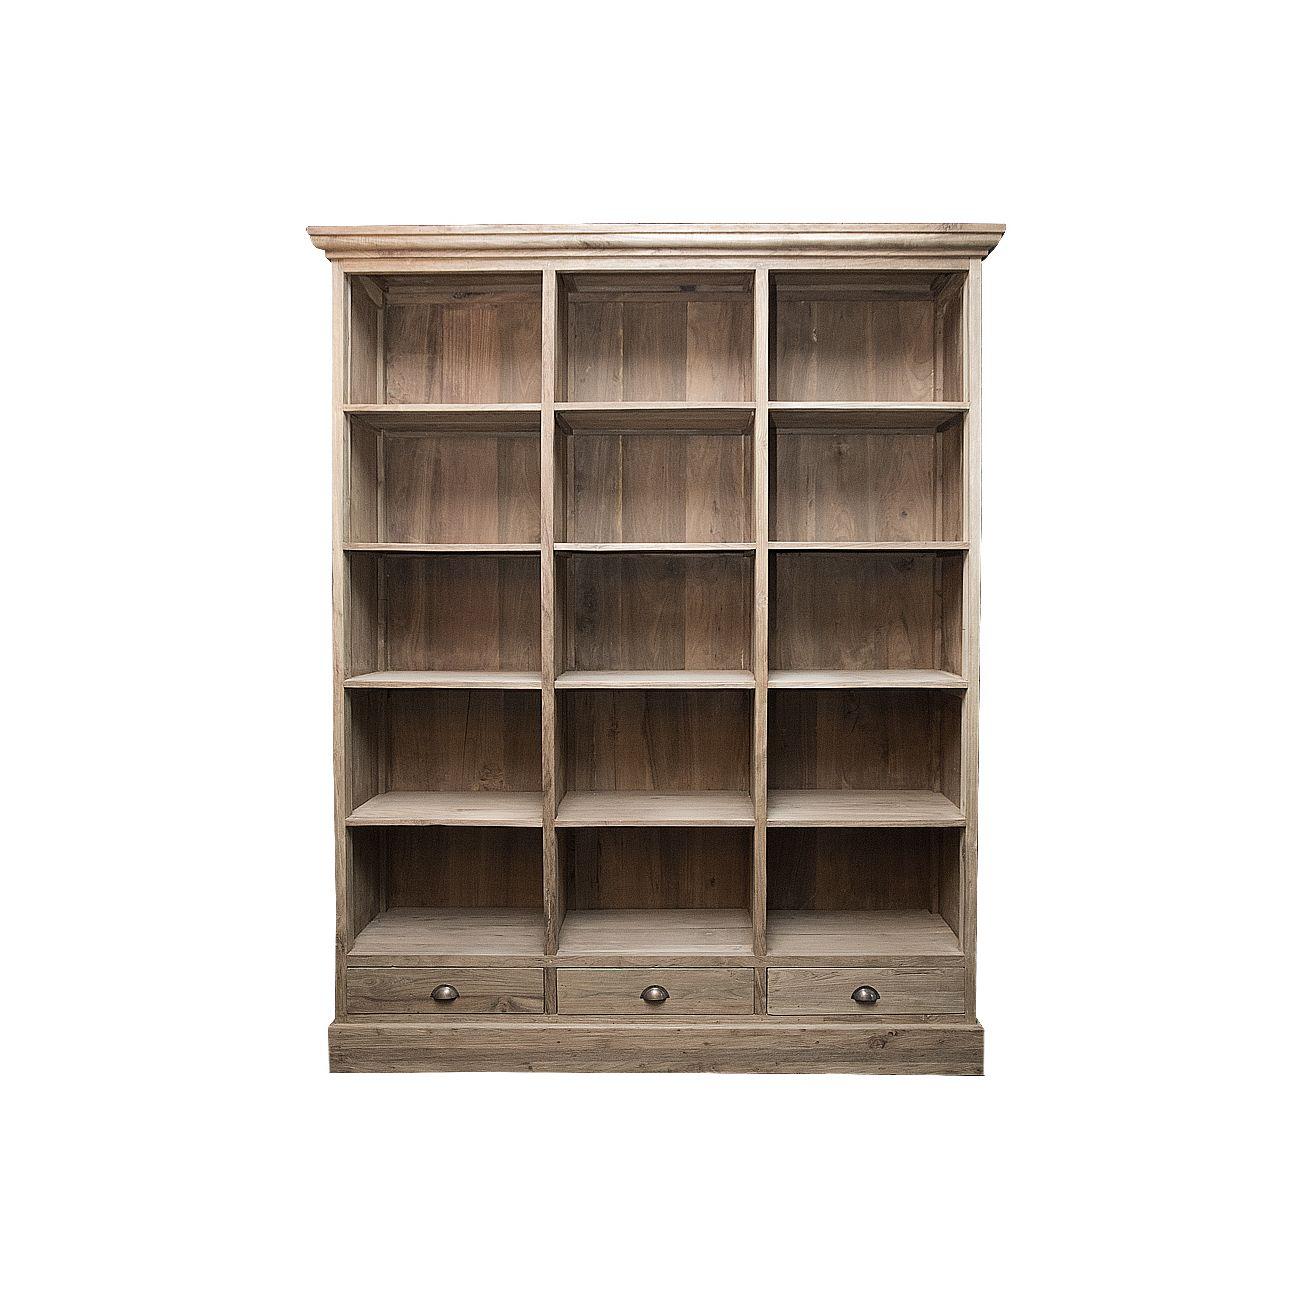 Шкаф СантоКнижные шкафы и библиотеки<br>ROOMERS – это особенная коллекция, воплощение всего самого лучшего, модного и новаторского в мире дизайнерской мебели, предметов декора и стильных аксессуаров. Интерьерные решения от ROOMERS – всегда актуальны, более того, они - на острие моды. Коллекции ROOMERS тщательно отбираются и обновляются дважды в год специально для вас.<br><br>Material: Тик<br>Width см: 170<br>Depth см: 40<br>Height см: 210